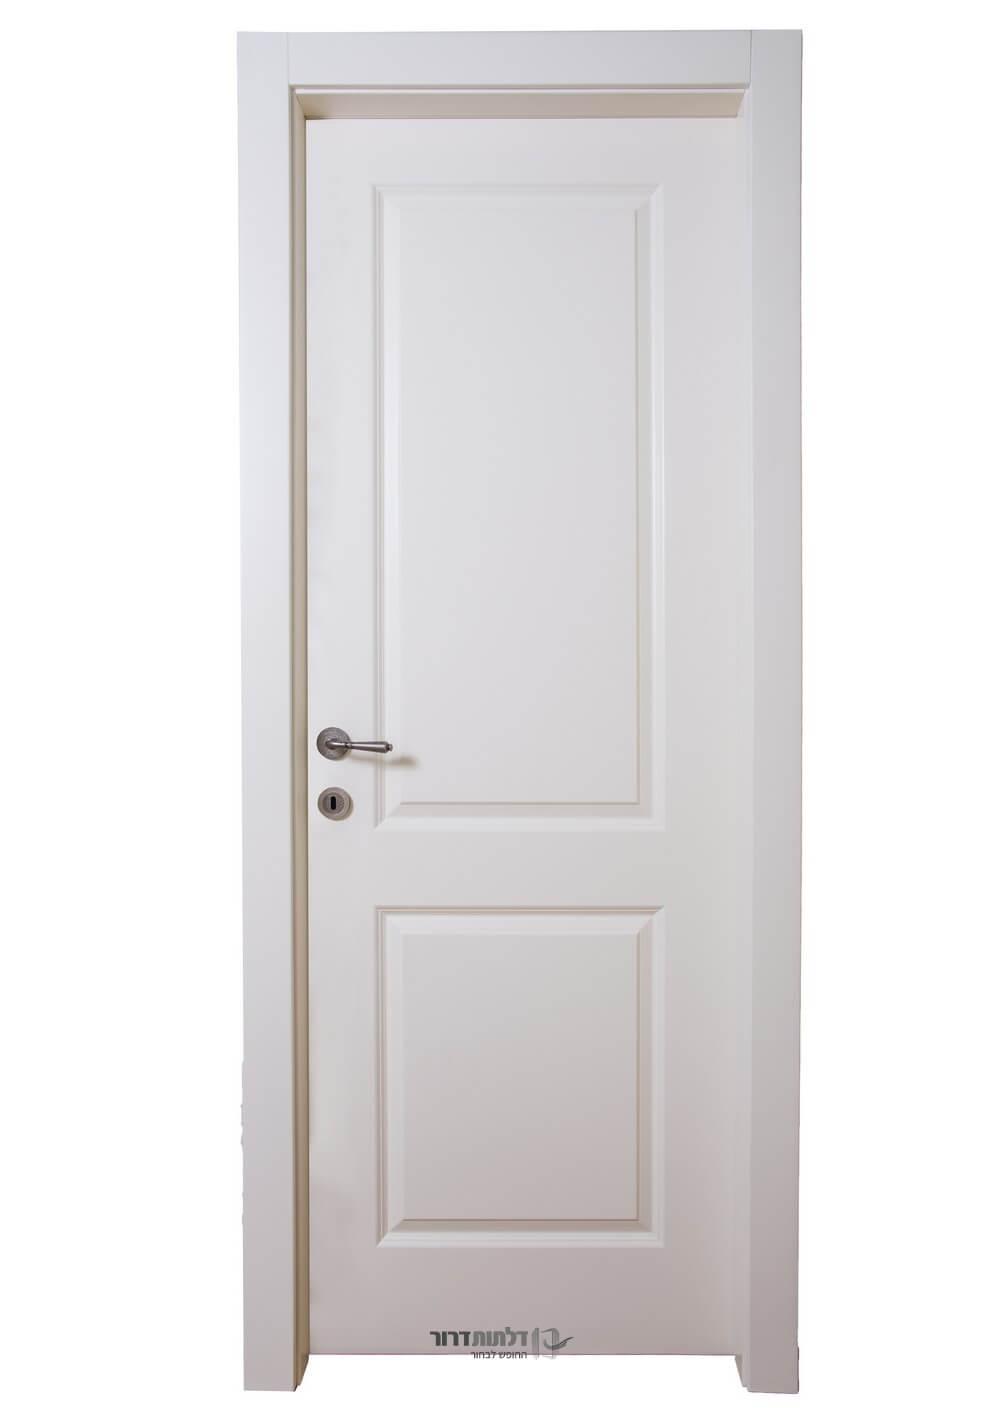 להפליא התקנת דלתות פנים | מתקין דלתות מקצועי 100% אחריות - דלתות דרור JB-74